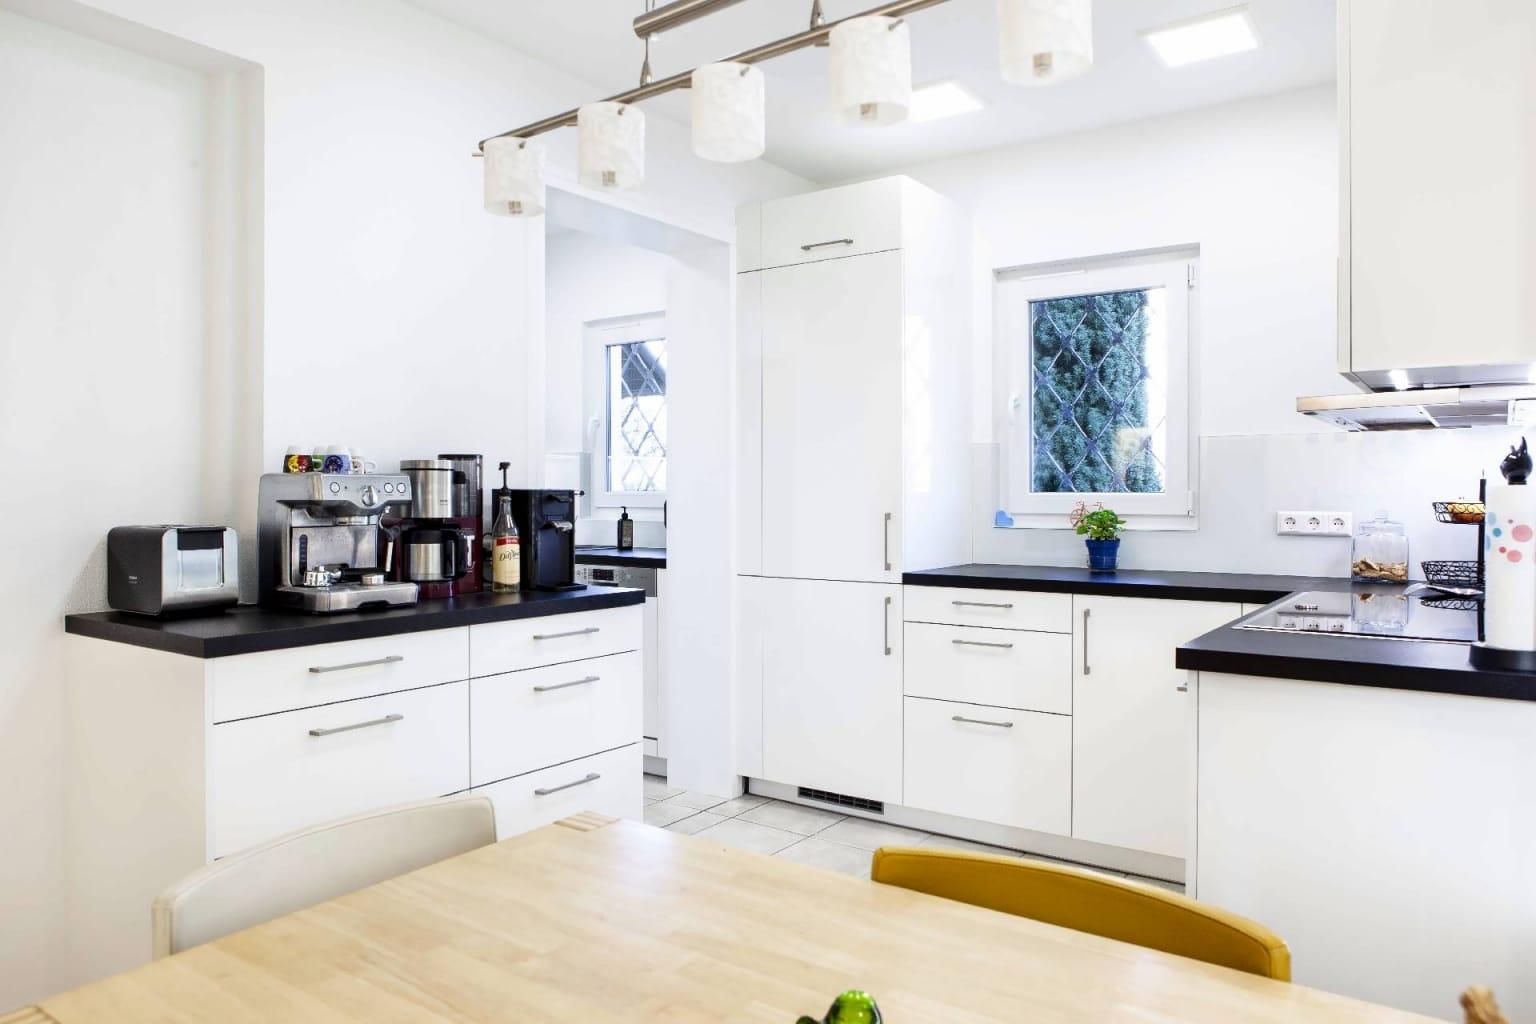 Mehrteilige Wohnküche in Hochglanz (6)